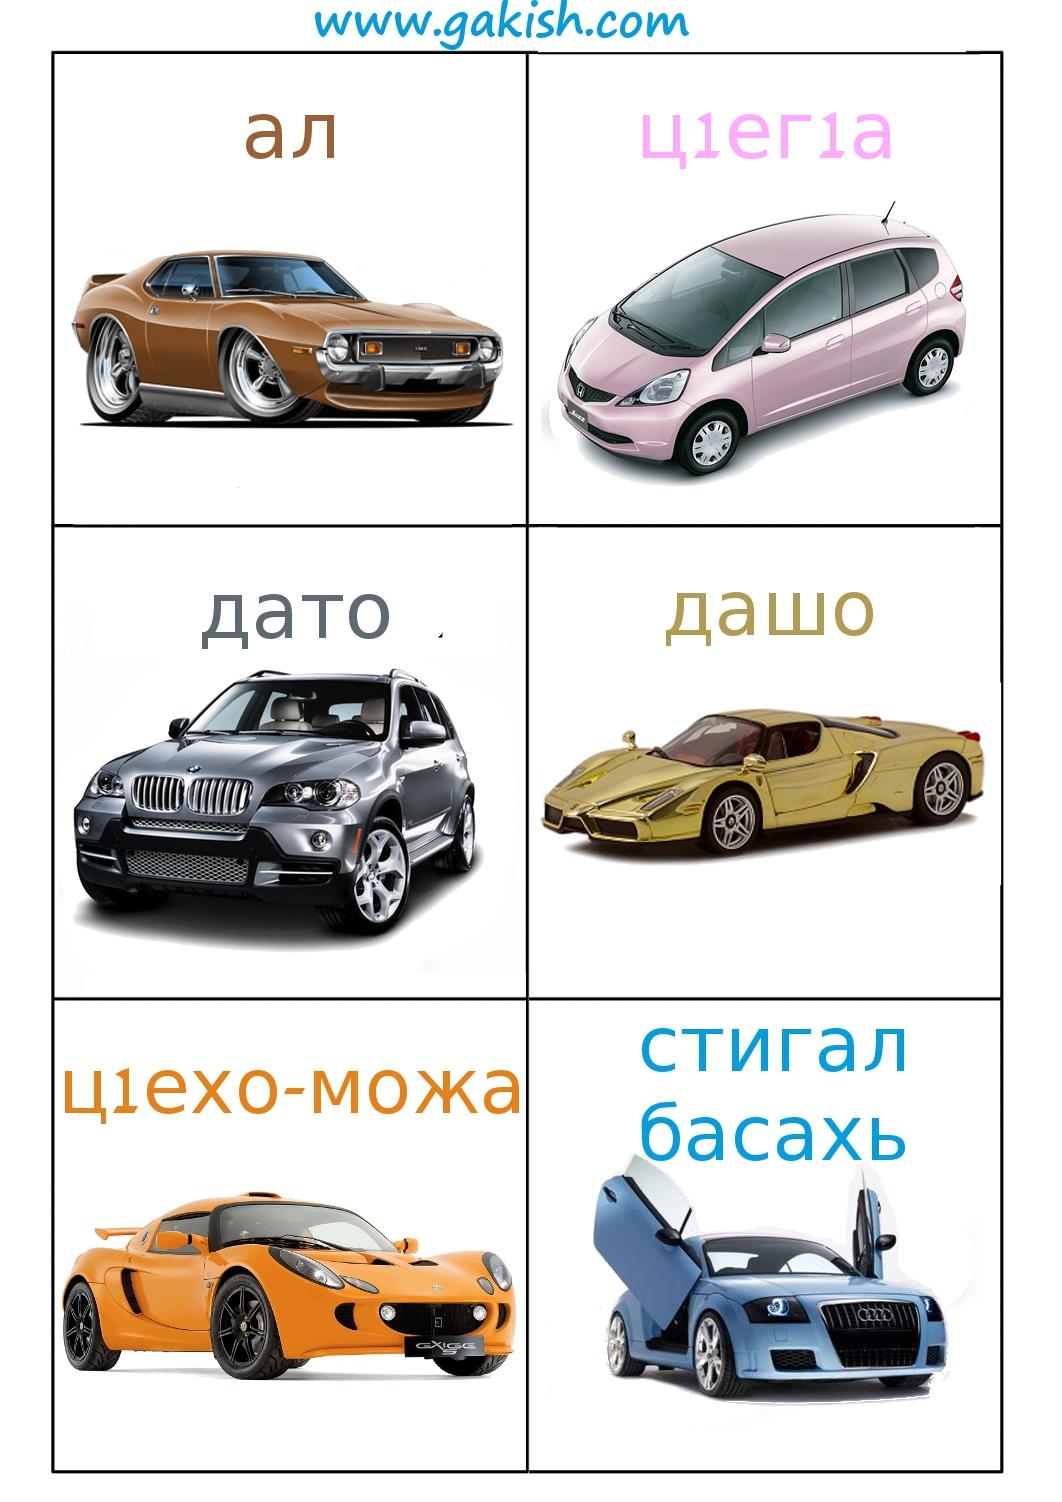 Чеченский язык цвета